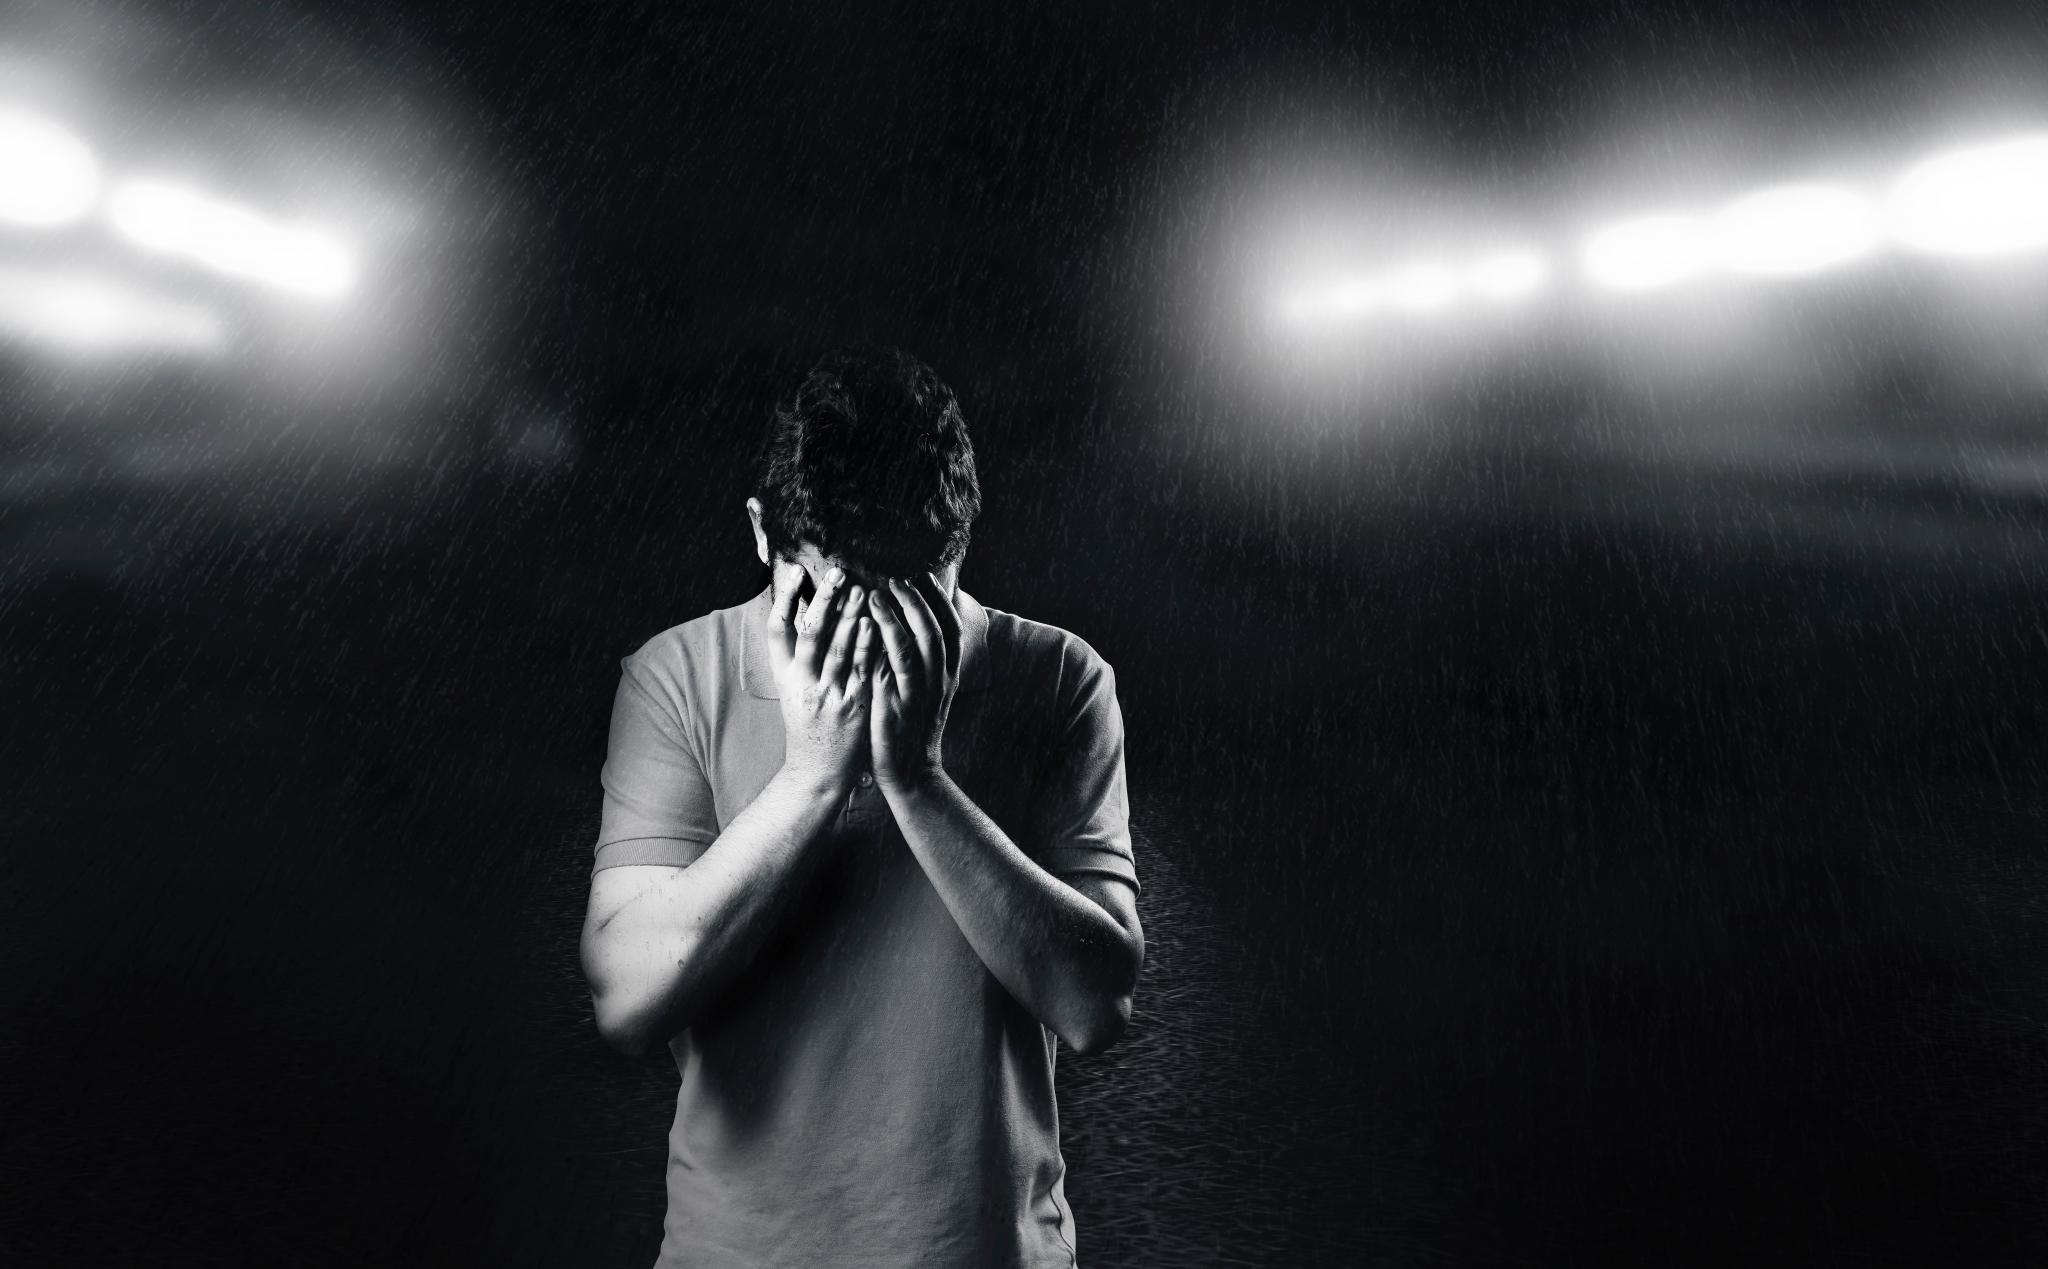 shalom101-shame-alone-black-and-white-